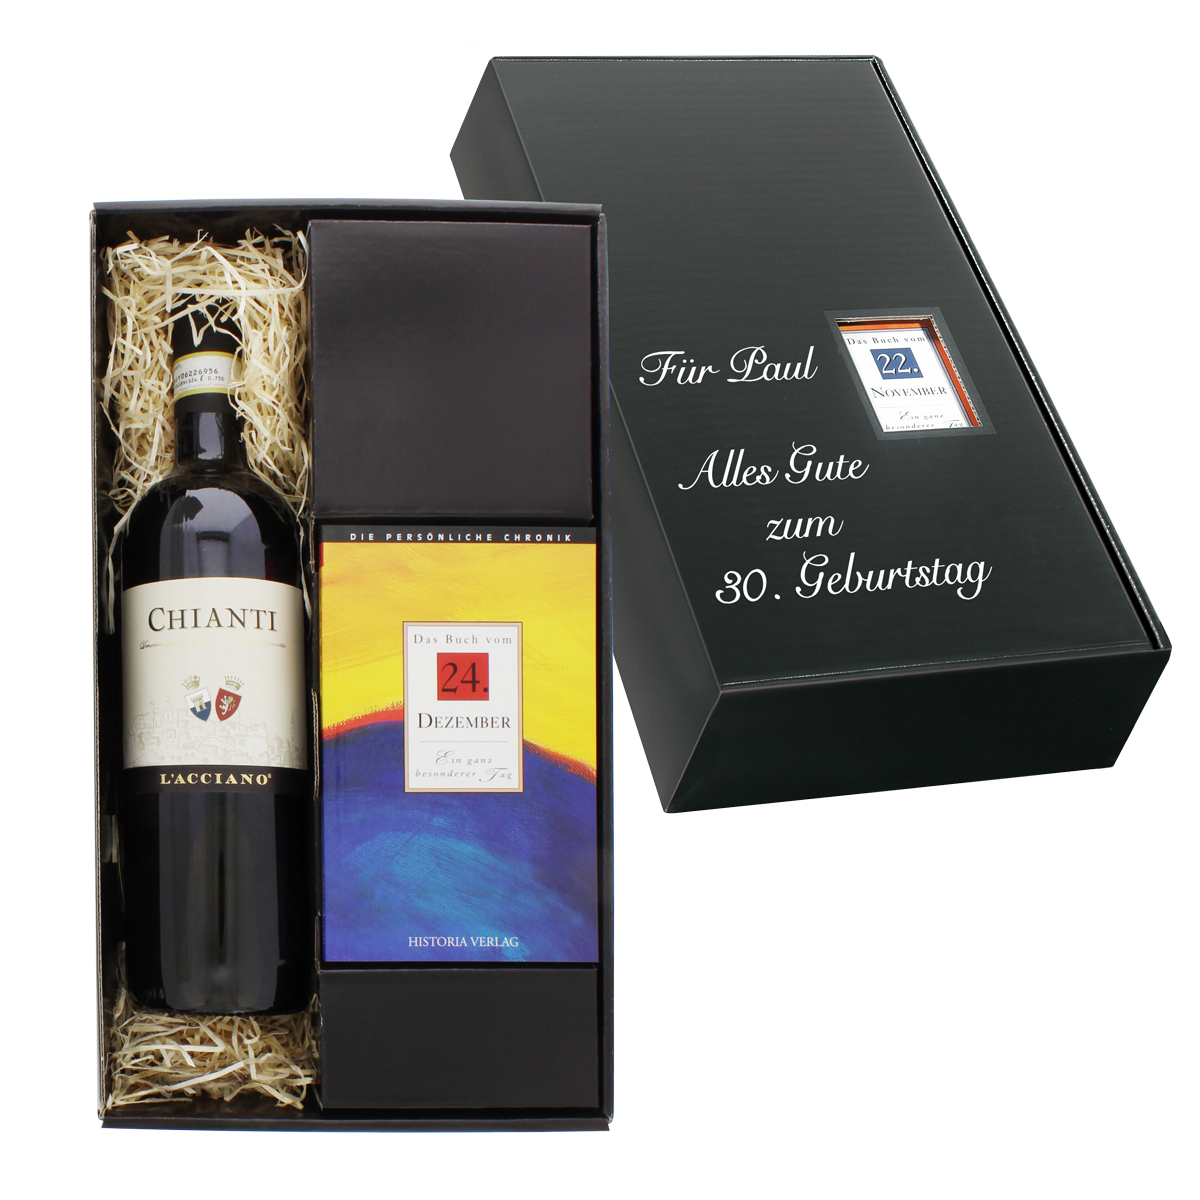 Italien-Set: Tageschronik vom 11. April & Chianti-Wein